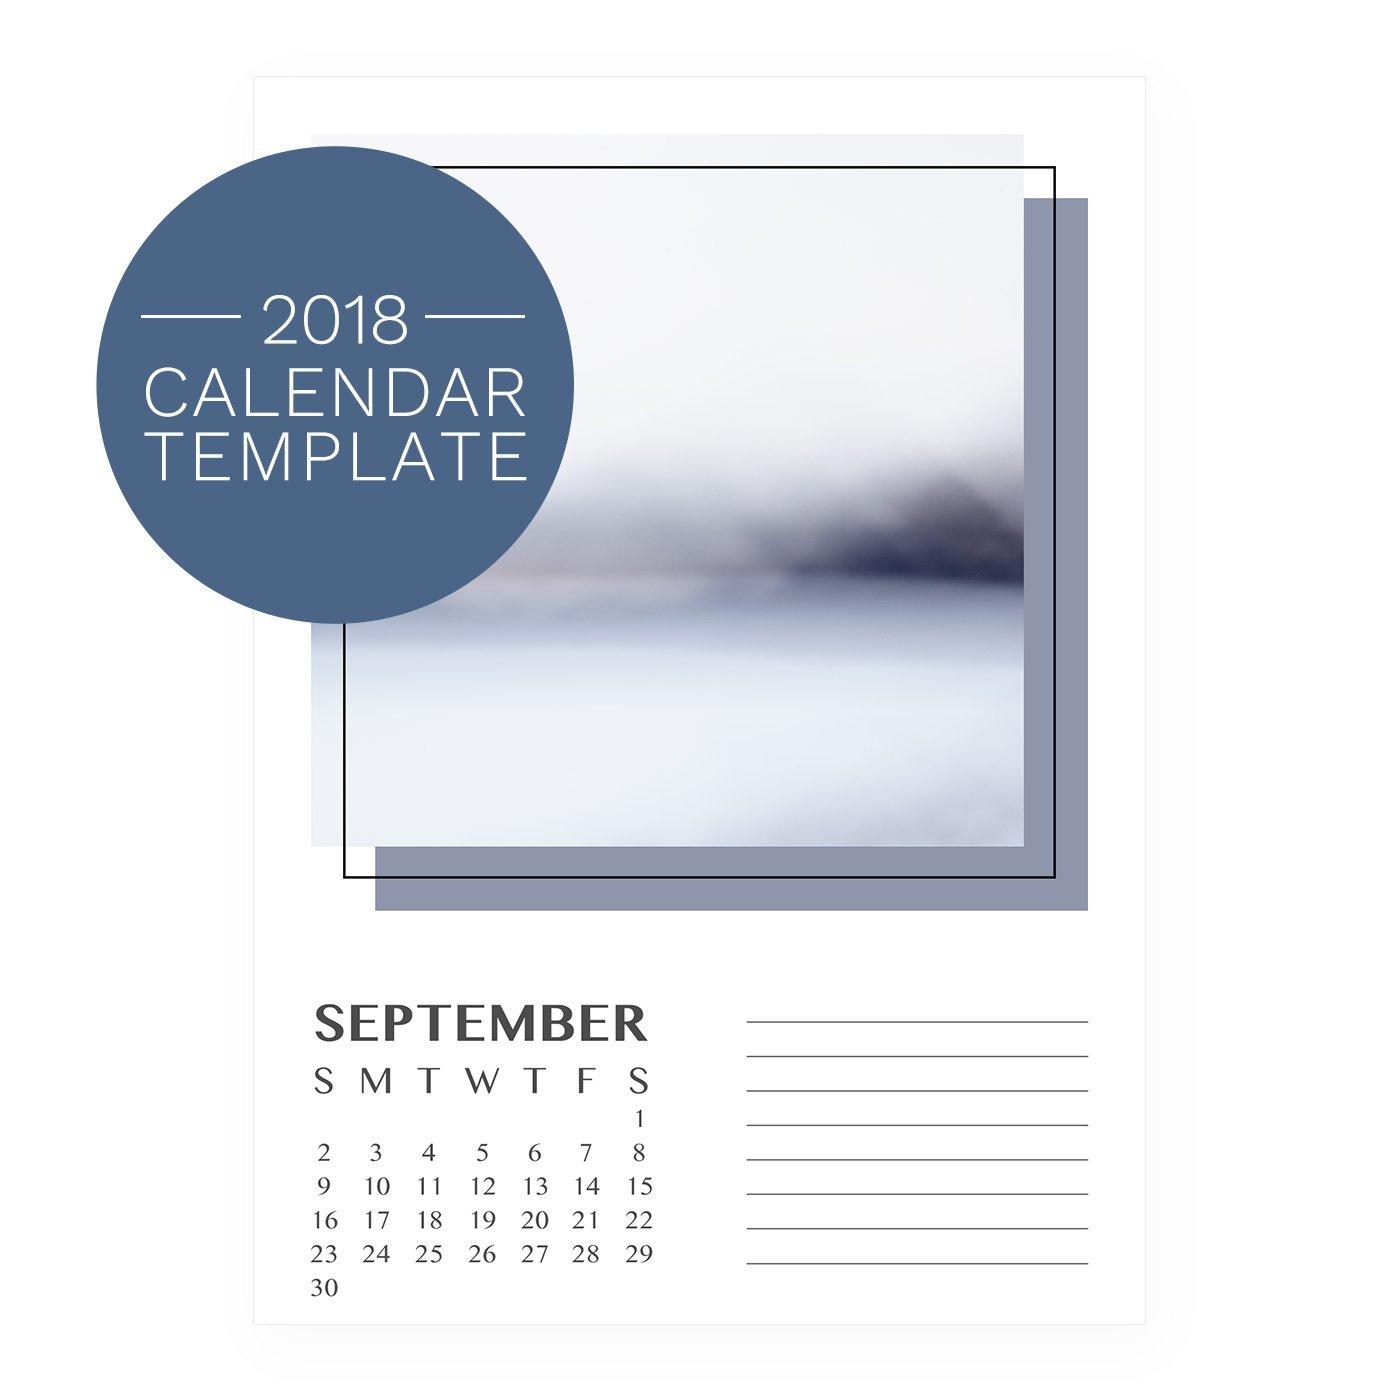 2018 Calendar Template - Retro